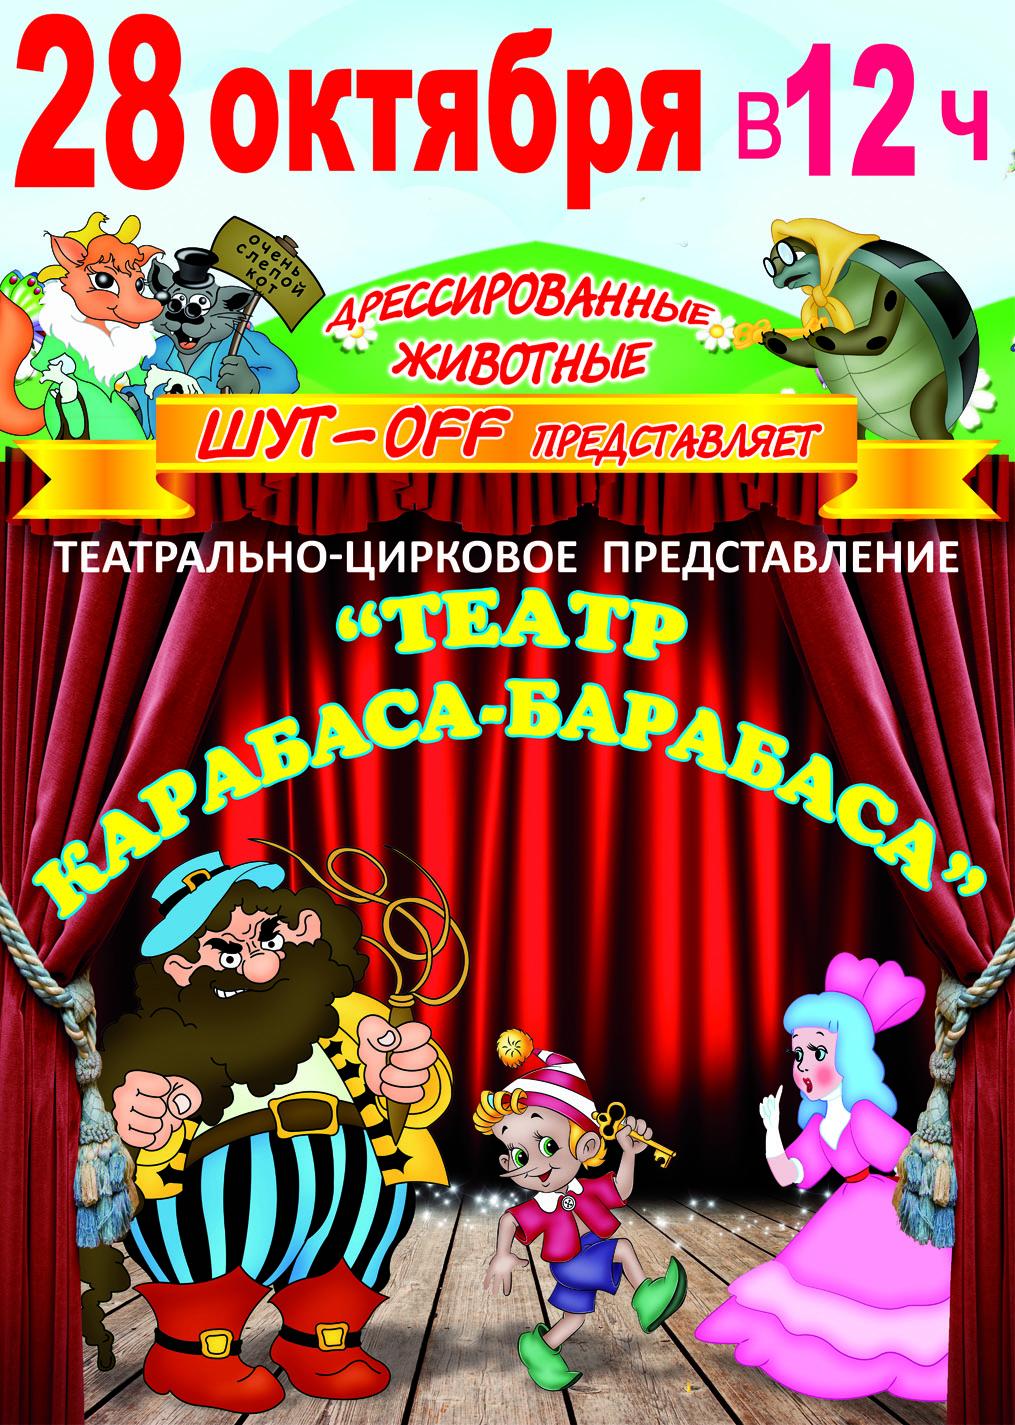 картинка на афишу детского праздника